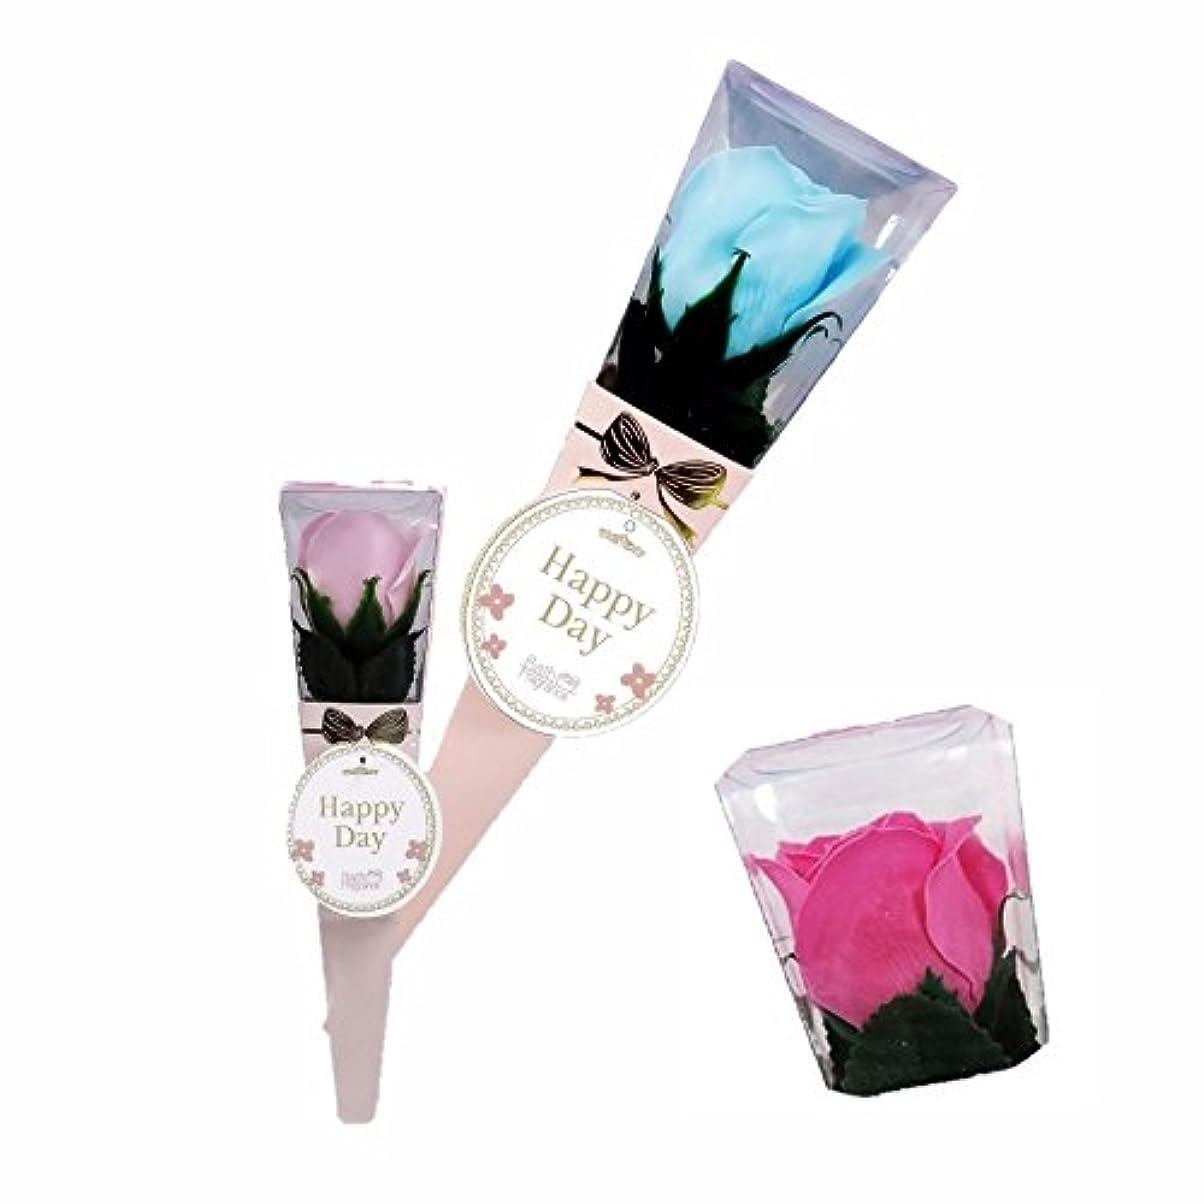 広々キッチン小川バスフレグランス ミニローズブーケ ローズピンク バスフラワー ギフト お花の形の入浴剤